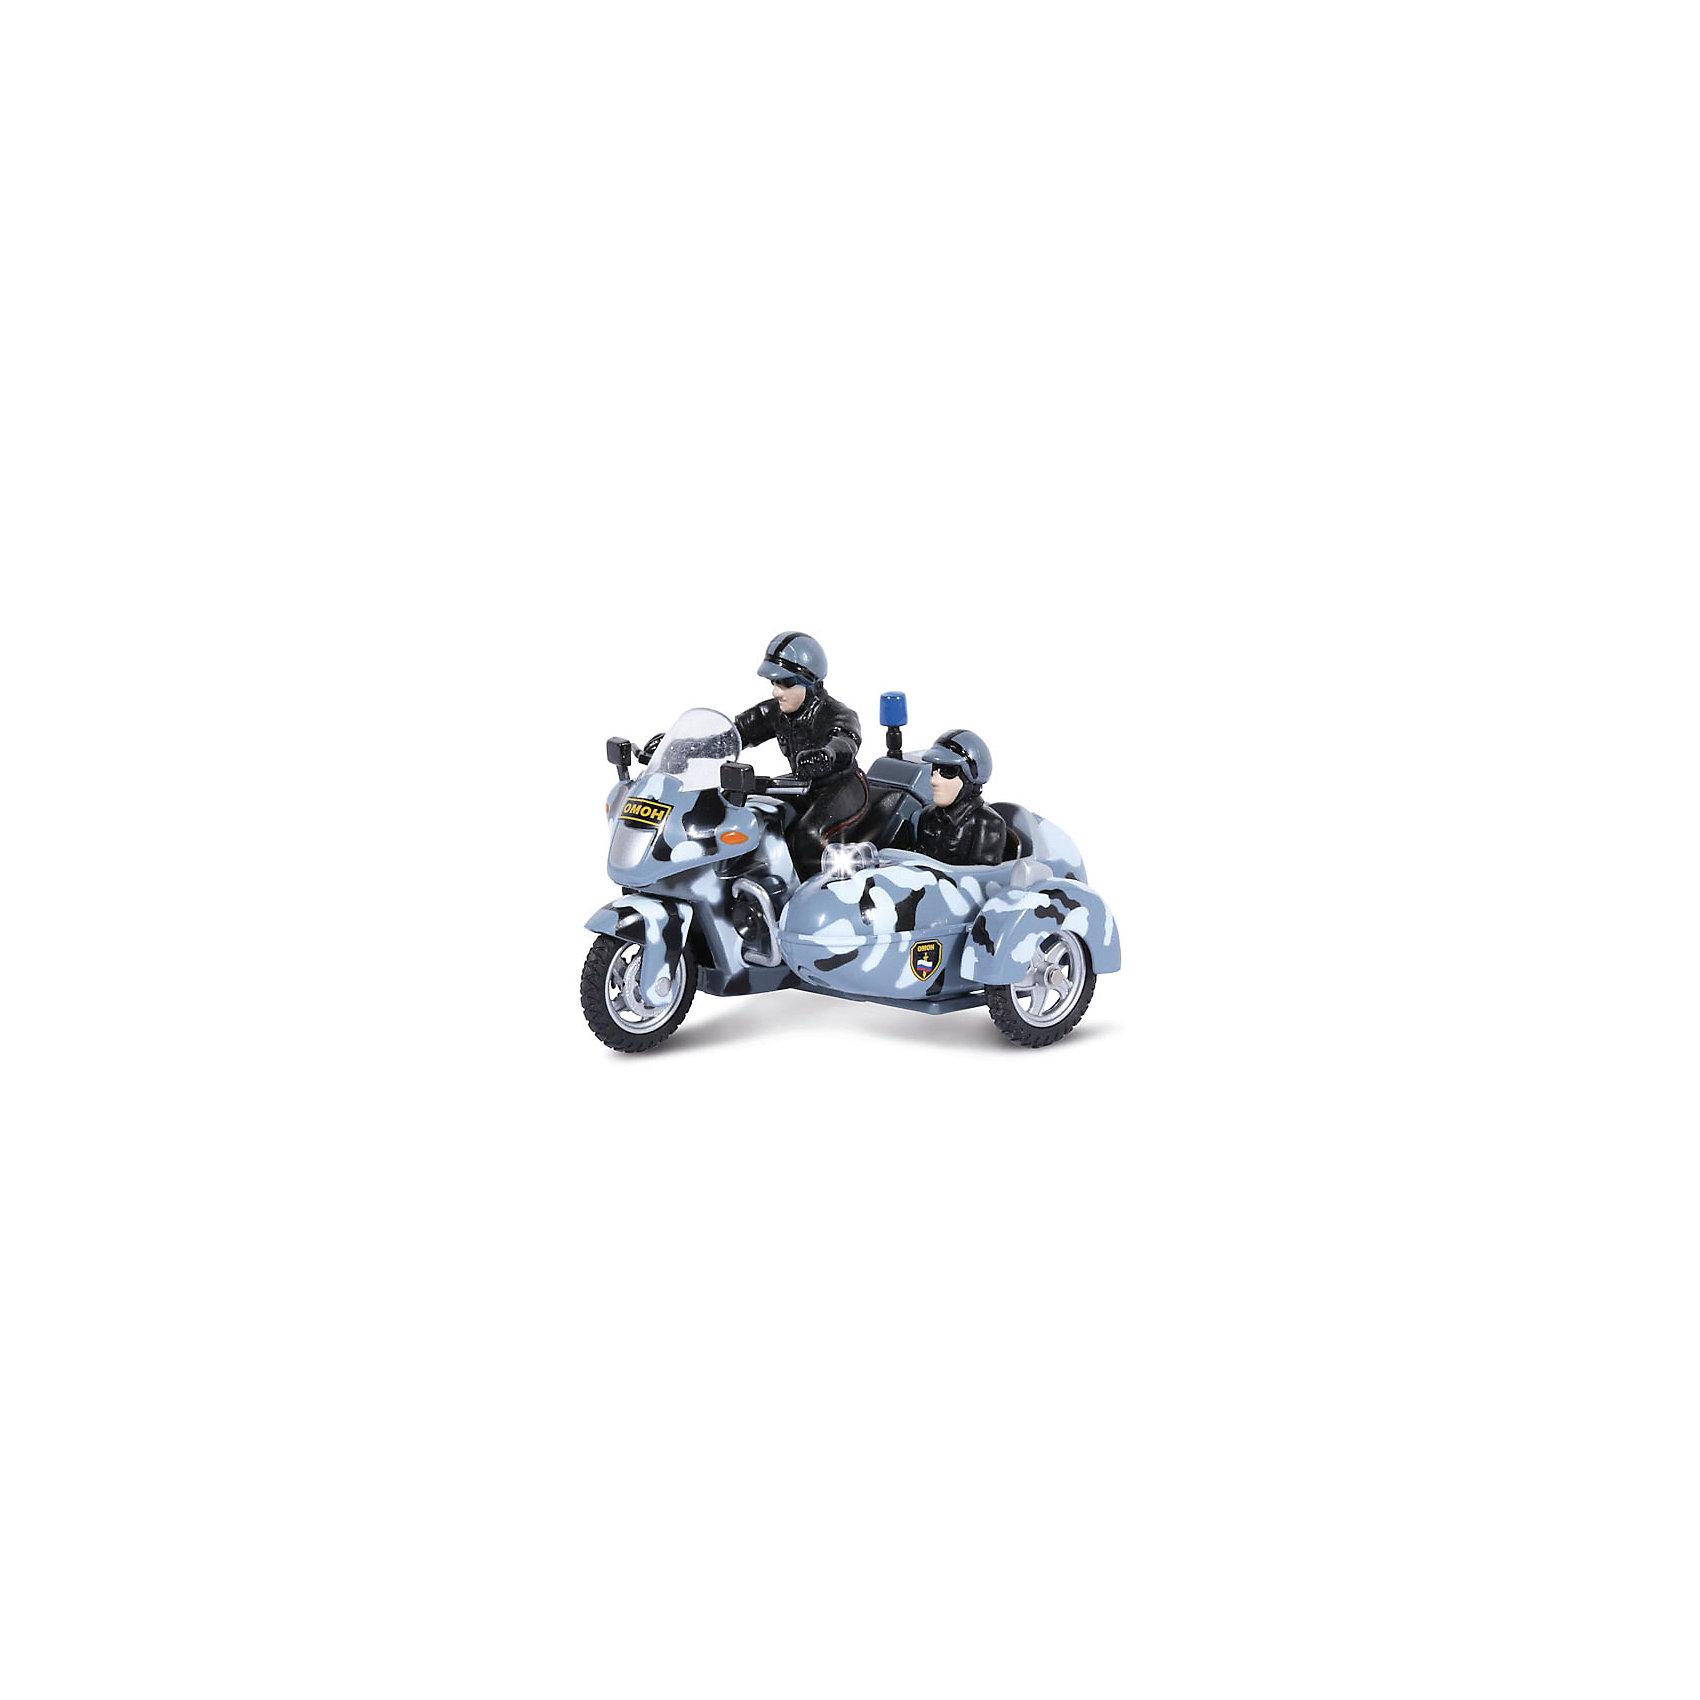 Мотоцикл с люлькой ОМОН, свет, звукКоллекционная модель мотоцикла с люлькой ОМОН от ТЕХНОПАРК сделает игры ребенка еще более увлекательными. Мотоцикл с фигурками отлично детализирован и оснащен звуковыми и световыми эффектами. Модель мотоцикла с люлькой ОМОН оснащена инерционным механизмом. Чтобы привести инерционный механизм в действие, откатите машинку назад, держа ее за крышу и чуть надавливая на нее, а затем отпустите. <br>Дополнительная информация:<br><br>- В комплекте: мотоцикл с люлькой, фигурки;<br>- Масштаб: 1:43;<br>- Прекрасная детализация;<br>- Реалистичные световые и звуковые эффекты;<br>- Материал: металл, пластик;<br>- Цвет: камуфляж;<br>- Размер упаковки: 15х9х15 см;<br>- Вес: 210 г<br><br>Мотоцикл с люлькой ОМОН, со светом и звуком, ТЕХНОПАРК можно купить в нашем интернет-магазине.<br><br>Ширина мм: 150<br>Глубина мм: 90<br>Высота мм: 150<br>Вес г: 210<br>Возраст от месяцев: 36<br>Возраст до месяцев: 144<br>Пол: Мужской<br>Возраст: Детский<br>SKU: 4082924